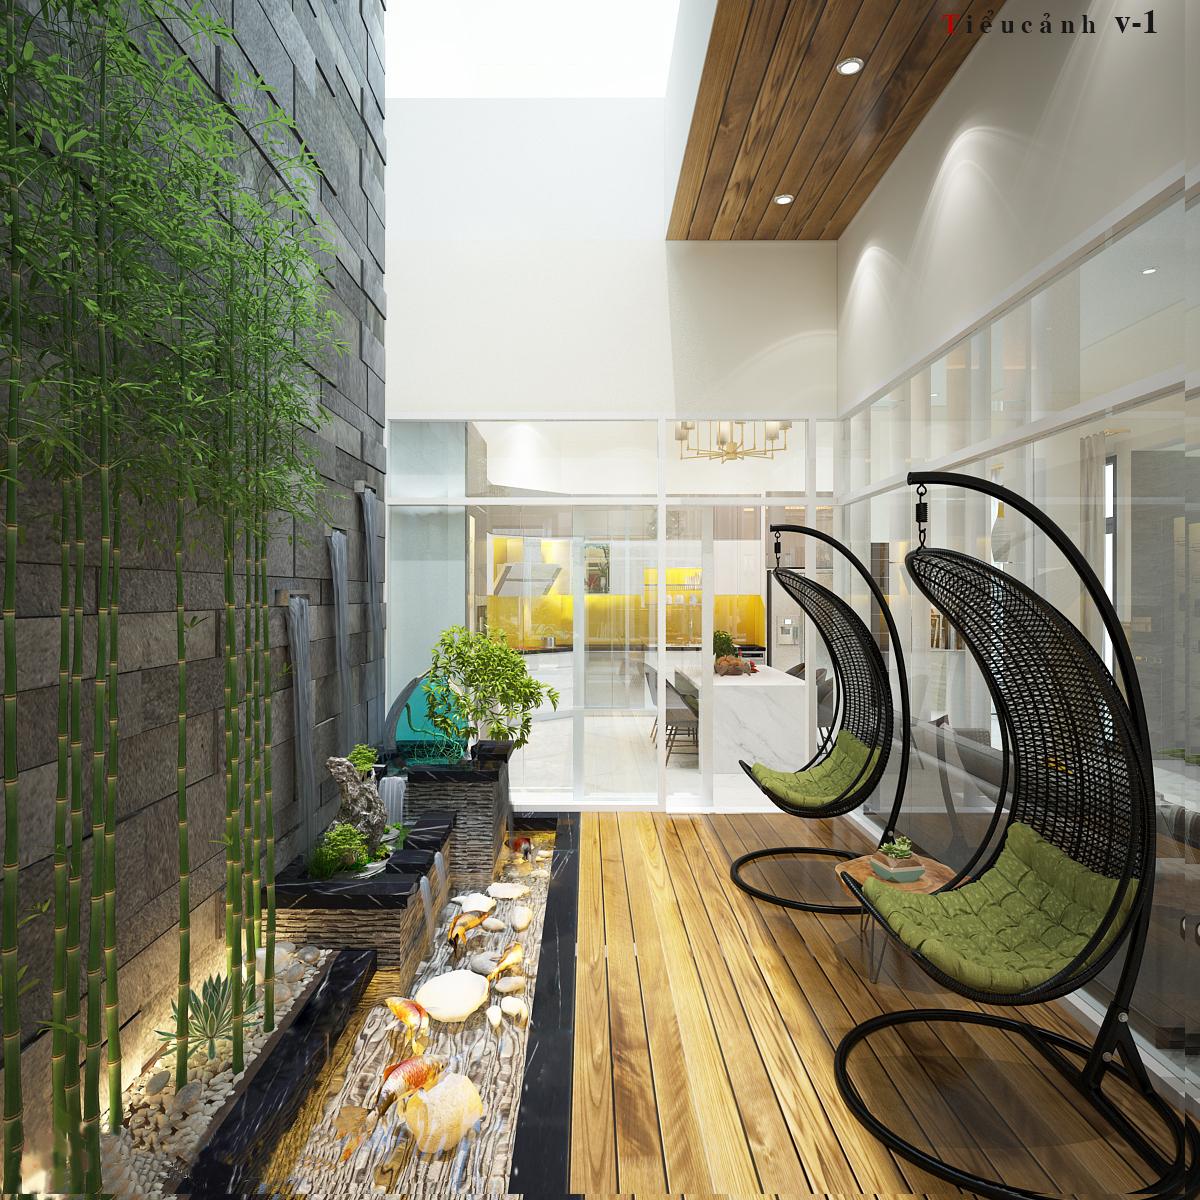 Thiết kế giếng trời trong nhà phố